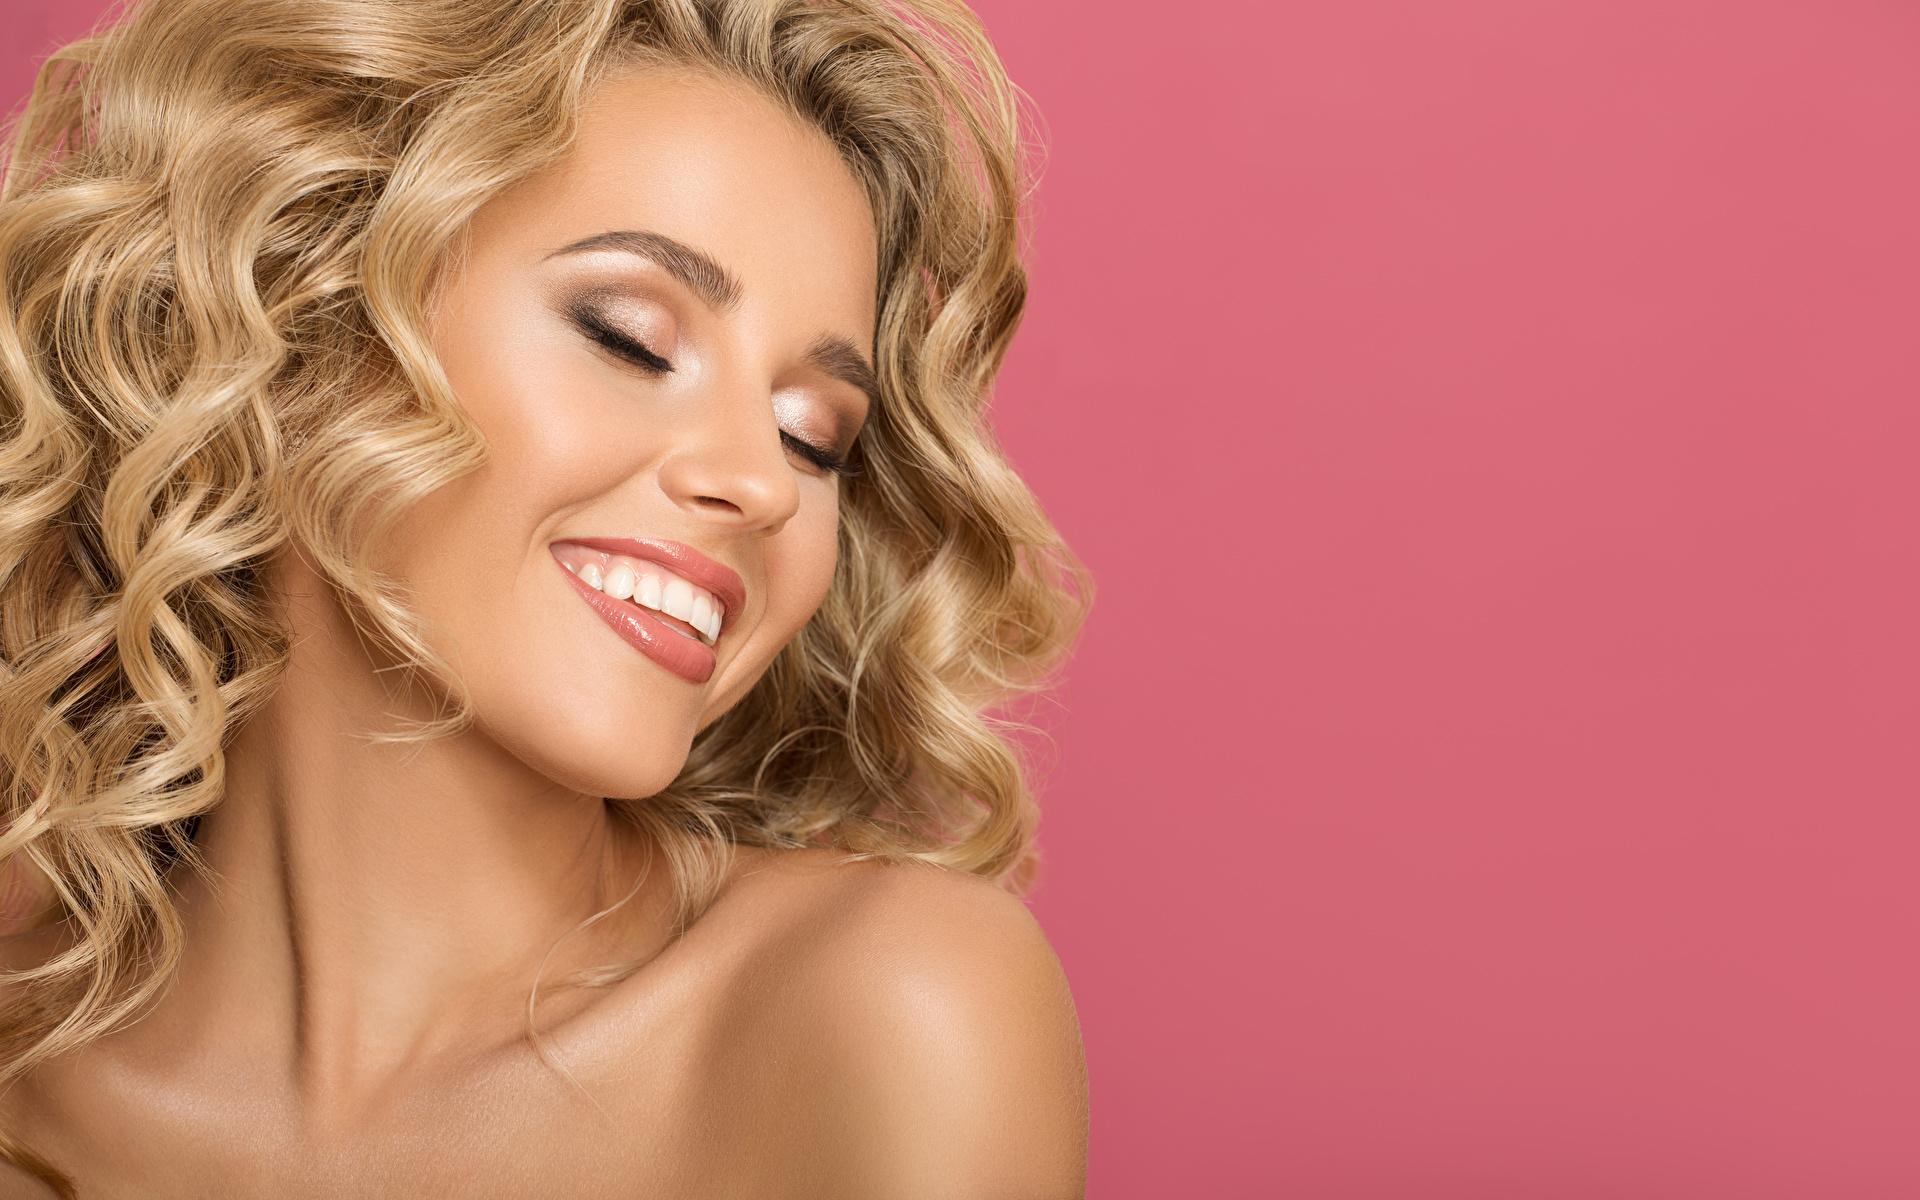 Картинки Лицо Розовый фон Улыбка Девушки Блондинка 1920x1200 лица девушка улыбается молодая женщина молодые женщины блондинки блондинок